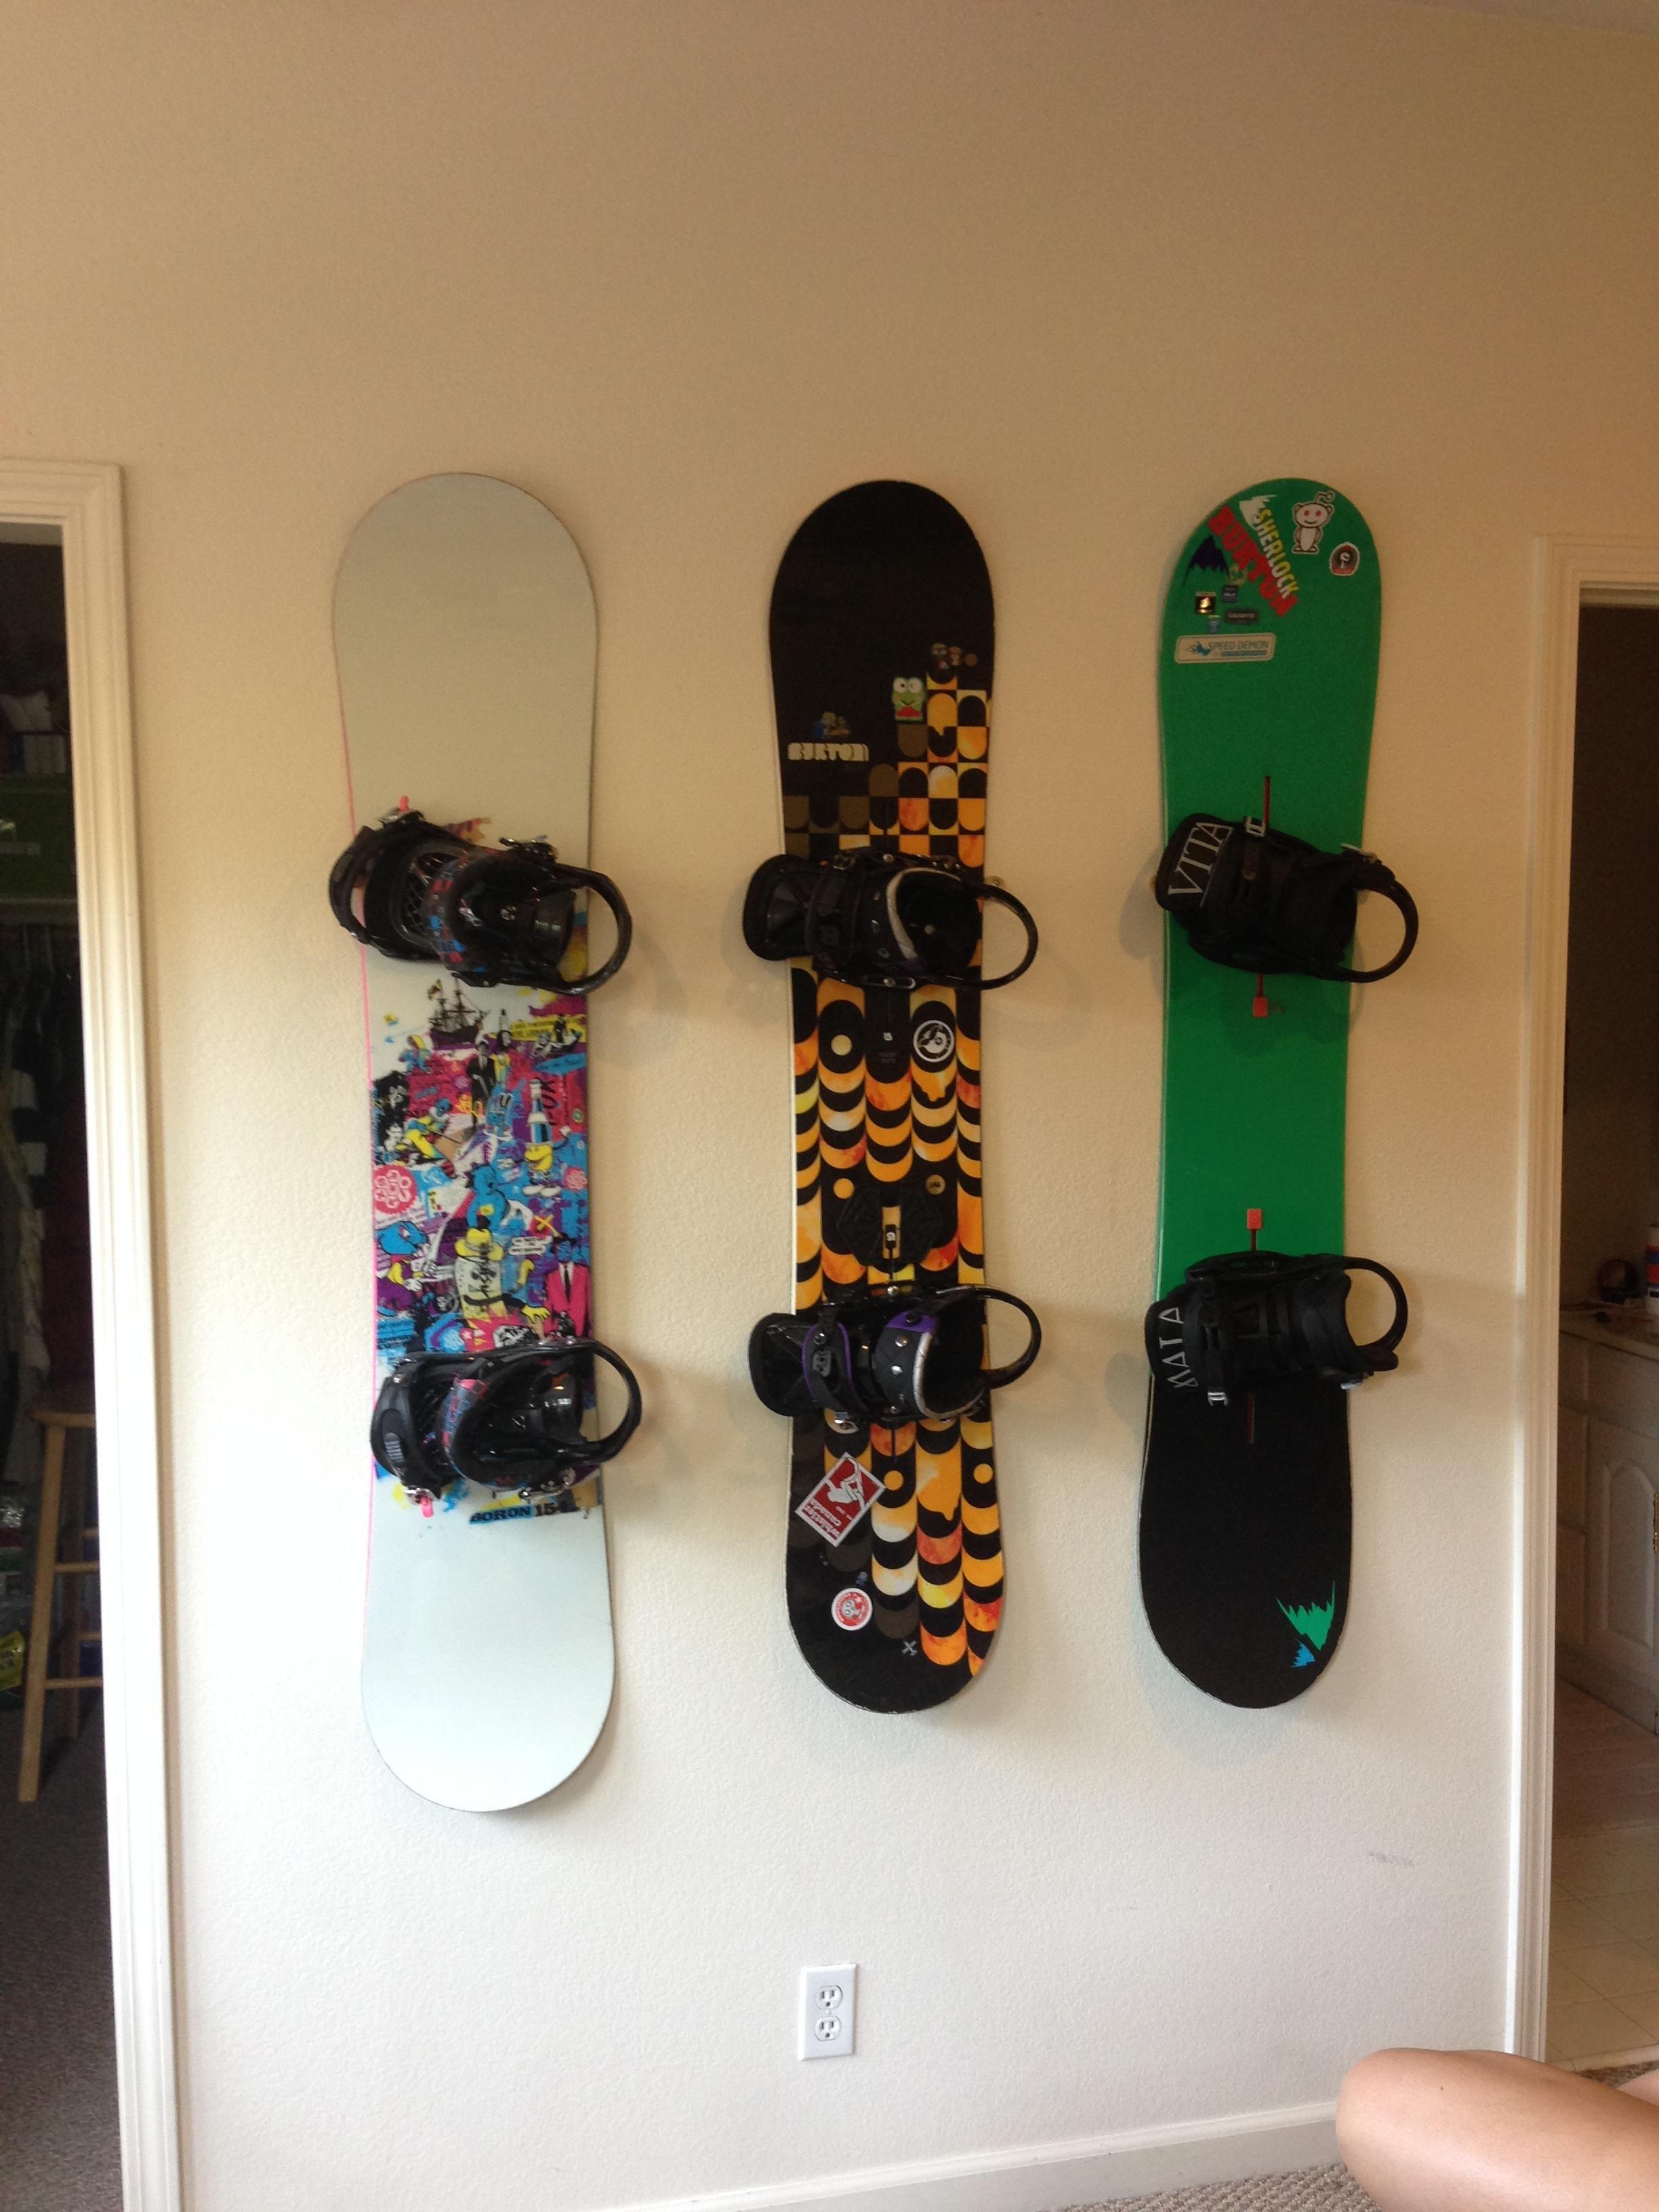 Snowboard Diy Wall Mount Snowboard Display Snowboard Diy Wall